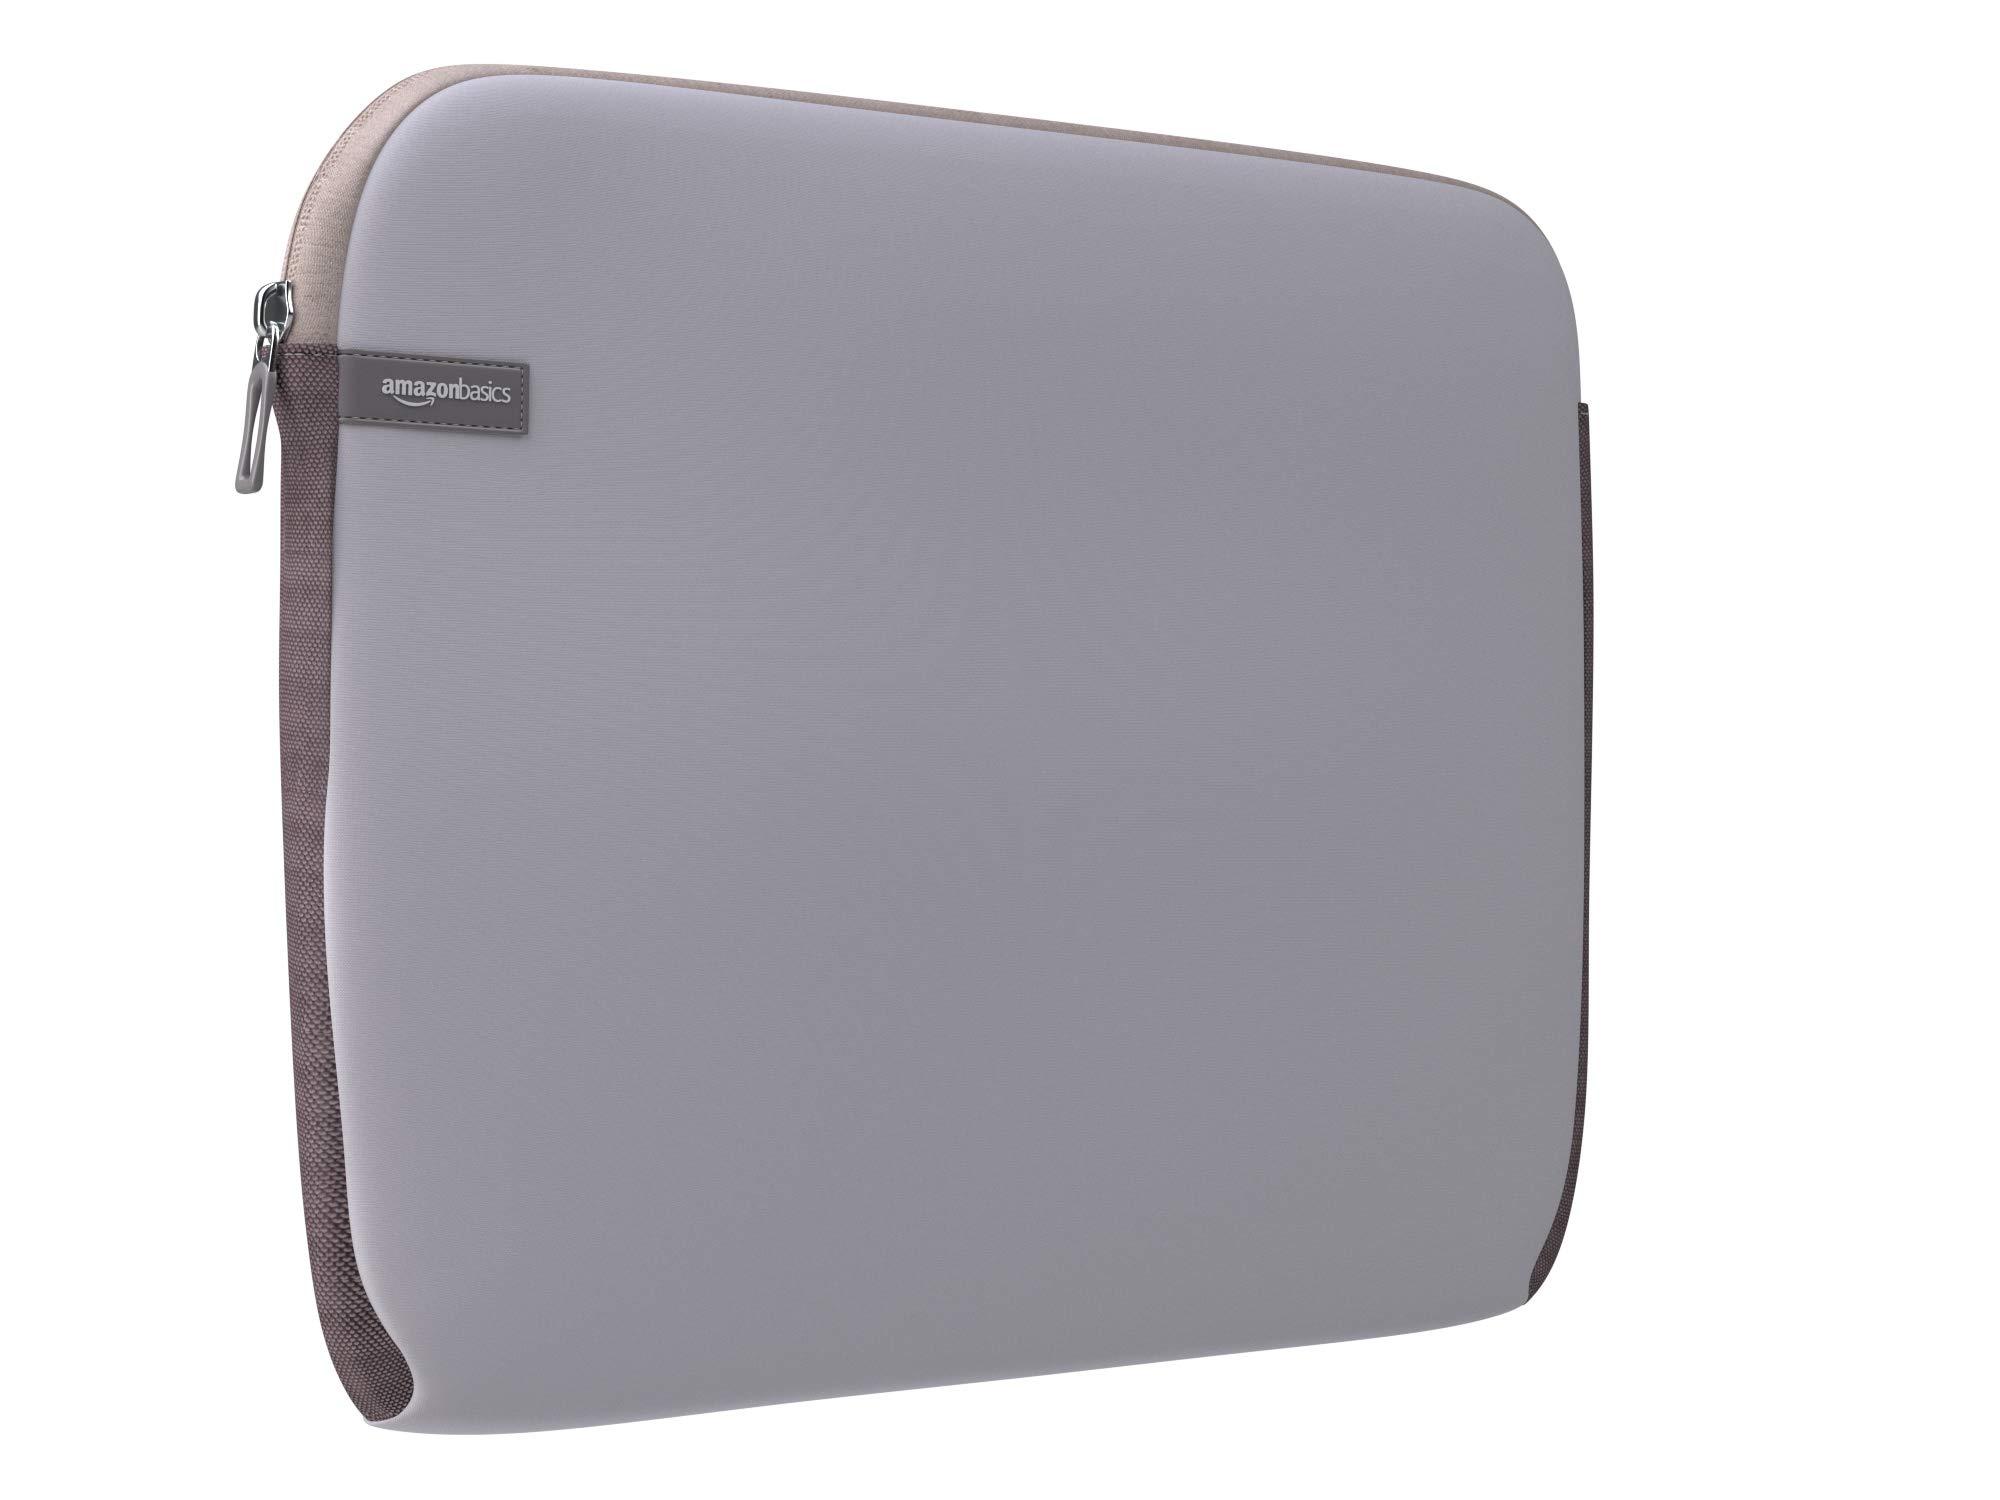 AmazonBasics 13.3-inch Laptop Sleeve (Grey) product image